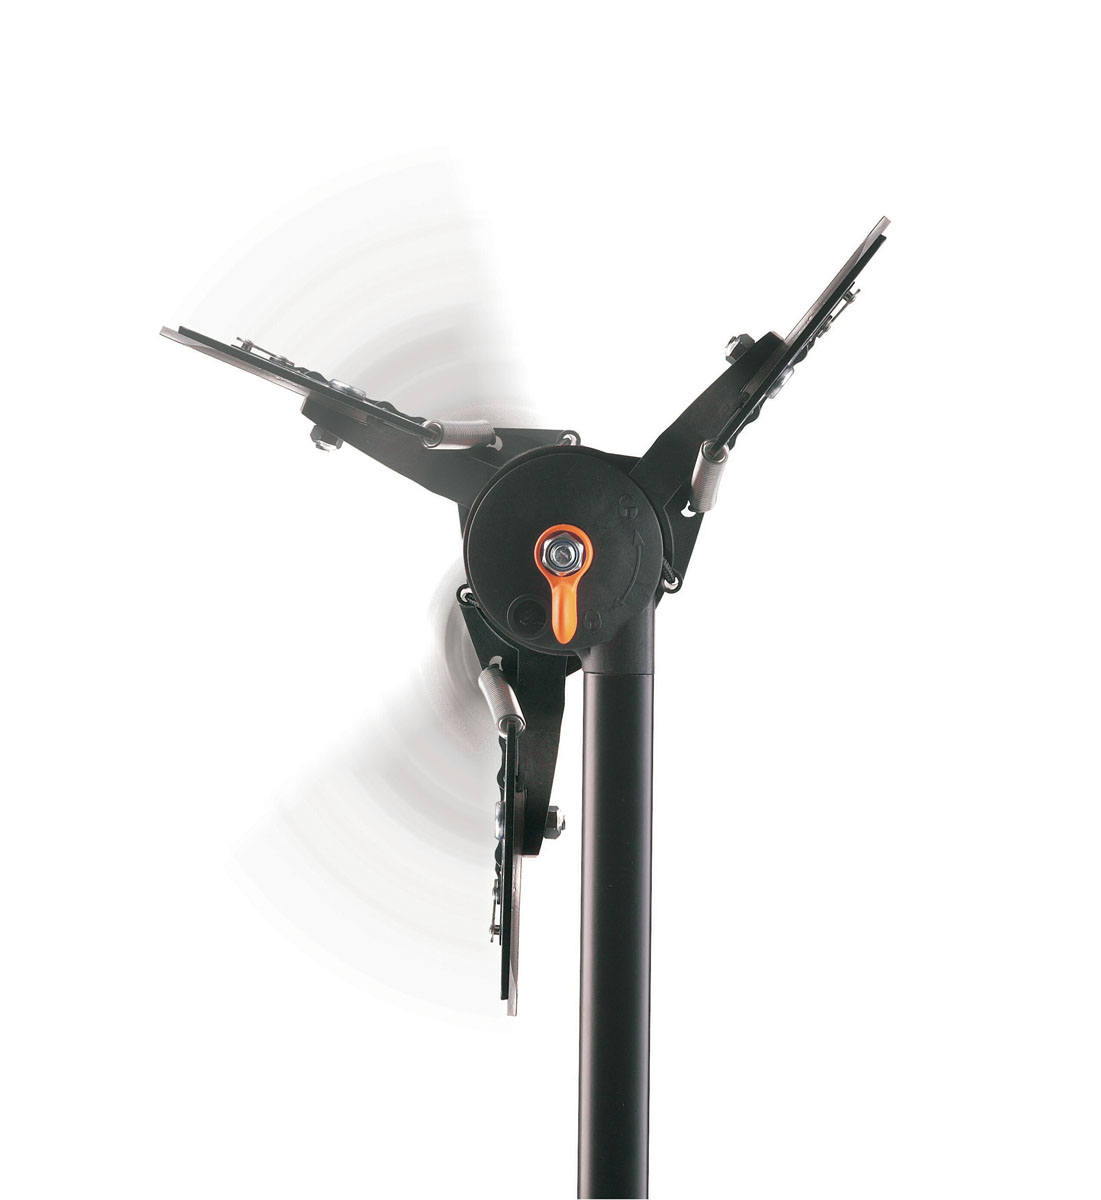 Сучкорез удлиненный Fiskars, вертикальный диапазон 3,5 м, рез 32 мм115360Сучкорез Fiskars сконструирован таким образом, чтобы доставать как низко, так и высоко расположенные ветви. С помощью этого инструмента Вы легко обойдетесь без лестницы даже в самых труднодоступных участках. Режущий механизм создает усилие, которого достаточно, чтобы перерезать даже самые жесткие ветви без дополнительных усилий. Для обеспечения максимальной маневренности режущая головка может поворачиваться на 230 градусов, так, чтобы ее положение наилучшим образом подходило для работы.Особенности сучкореза:Вертикальный рабочий диапазон 3,5 метра.Регулируемый угол режущей головки (до 230°).Длинная штанга позволяет осуществлять подрезку в труднодоступных местах с безопасной устойчивой позиции.Эффективный механизм PowerReel облегчает подрезку в 12 раз.Надежный механизм блокировки.Плоскостная техника подрезки для работы с сырой древесиной.